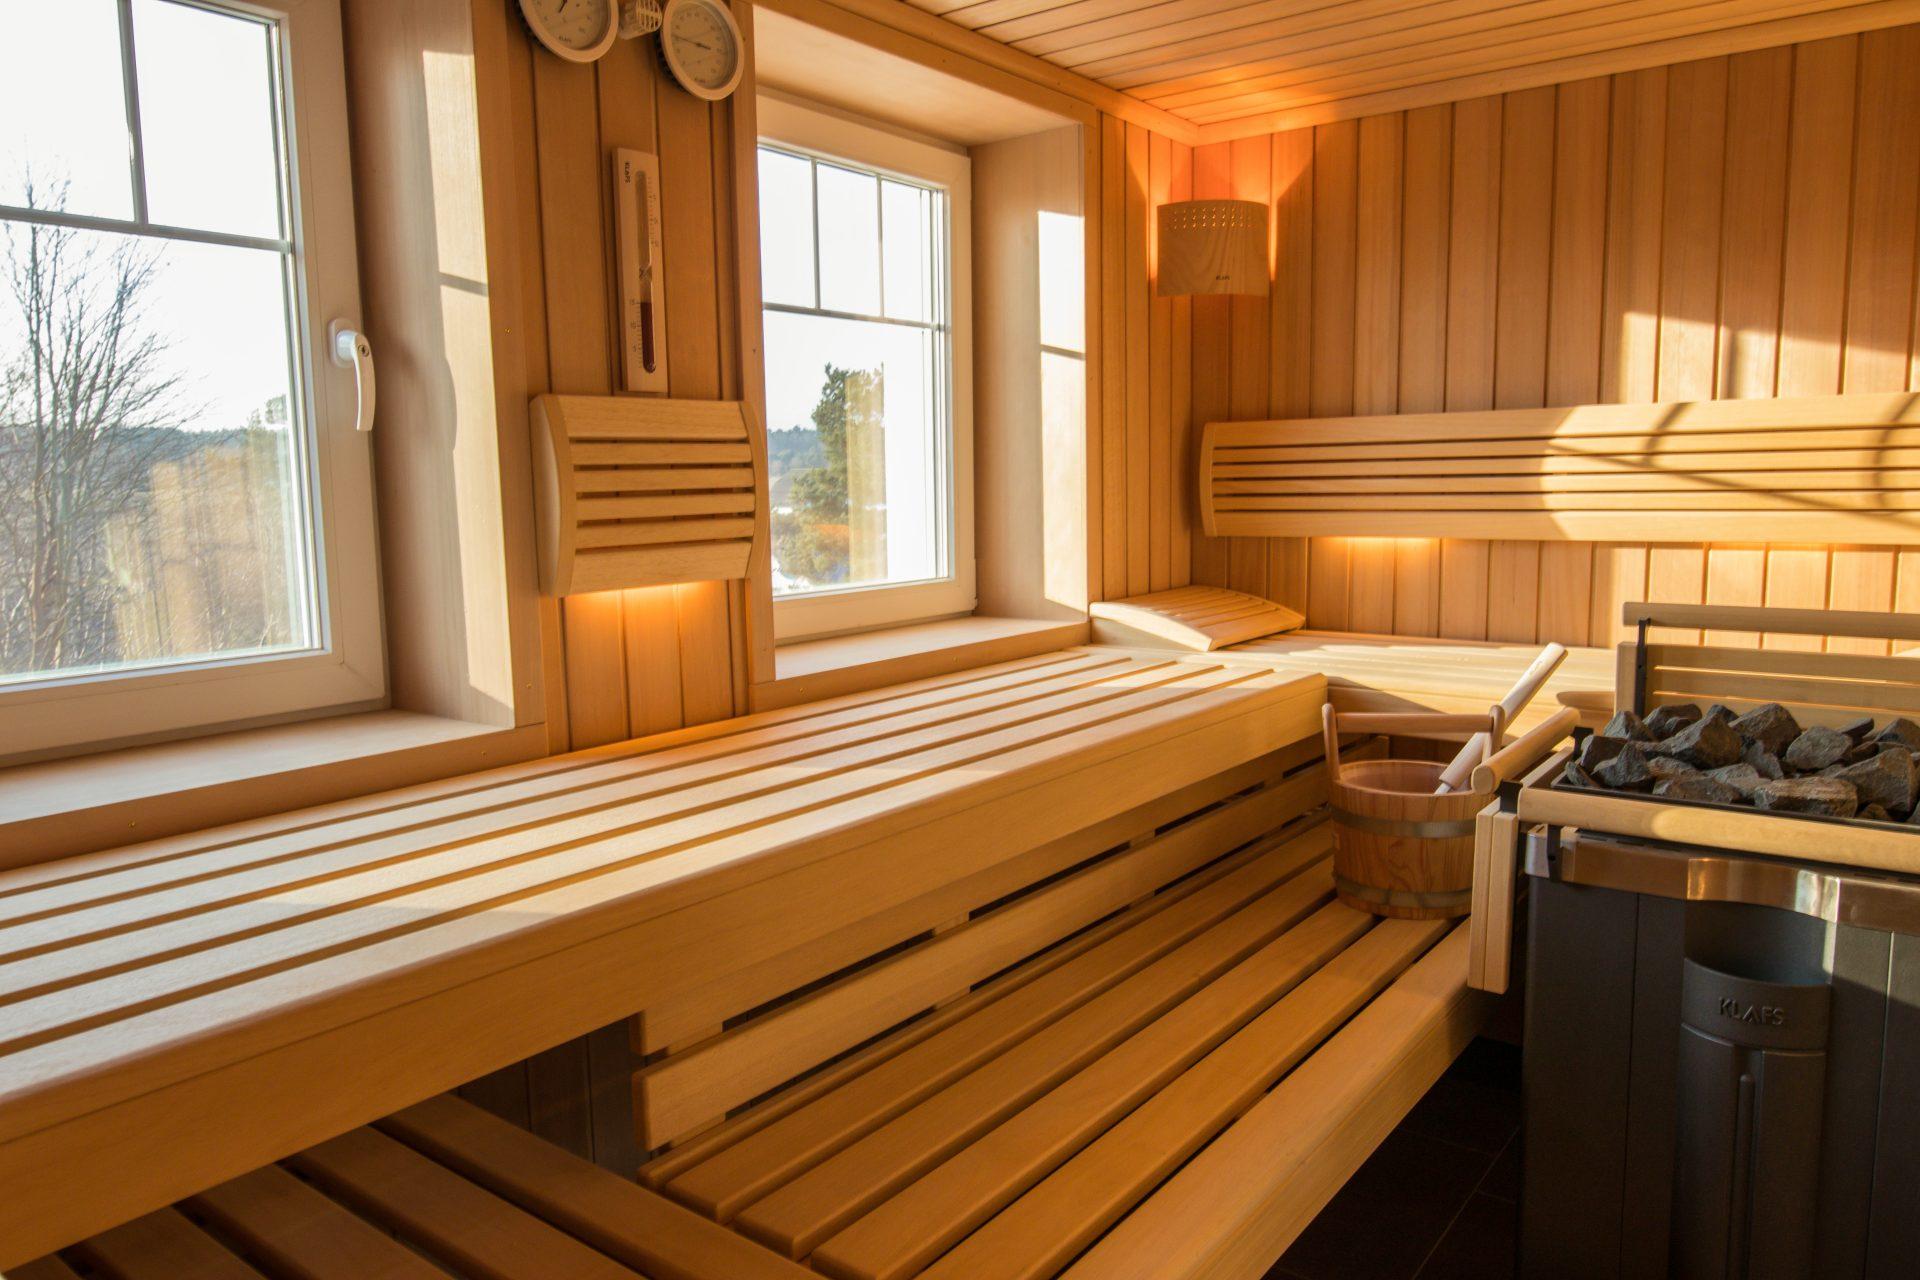 große Sauna mit Fenstern